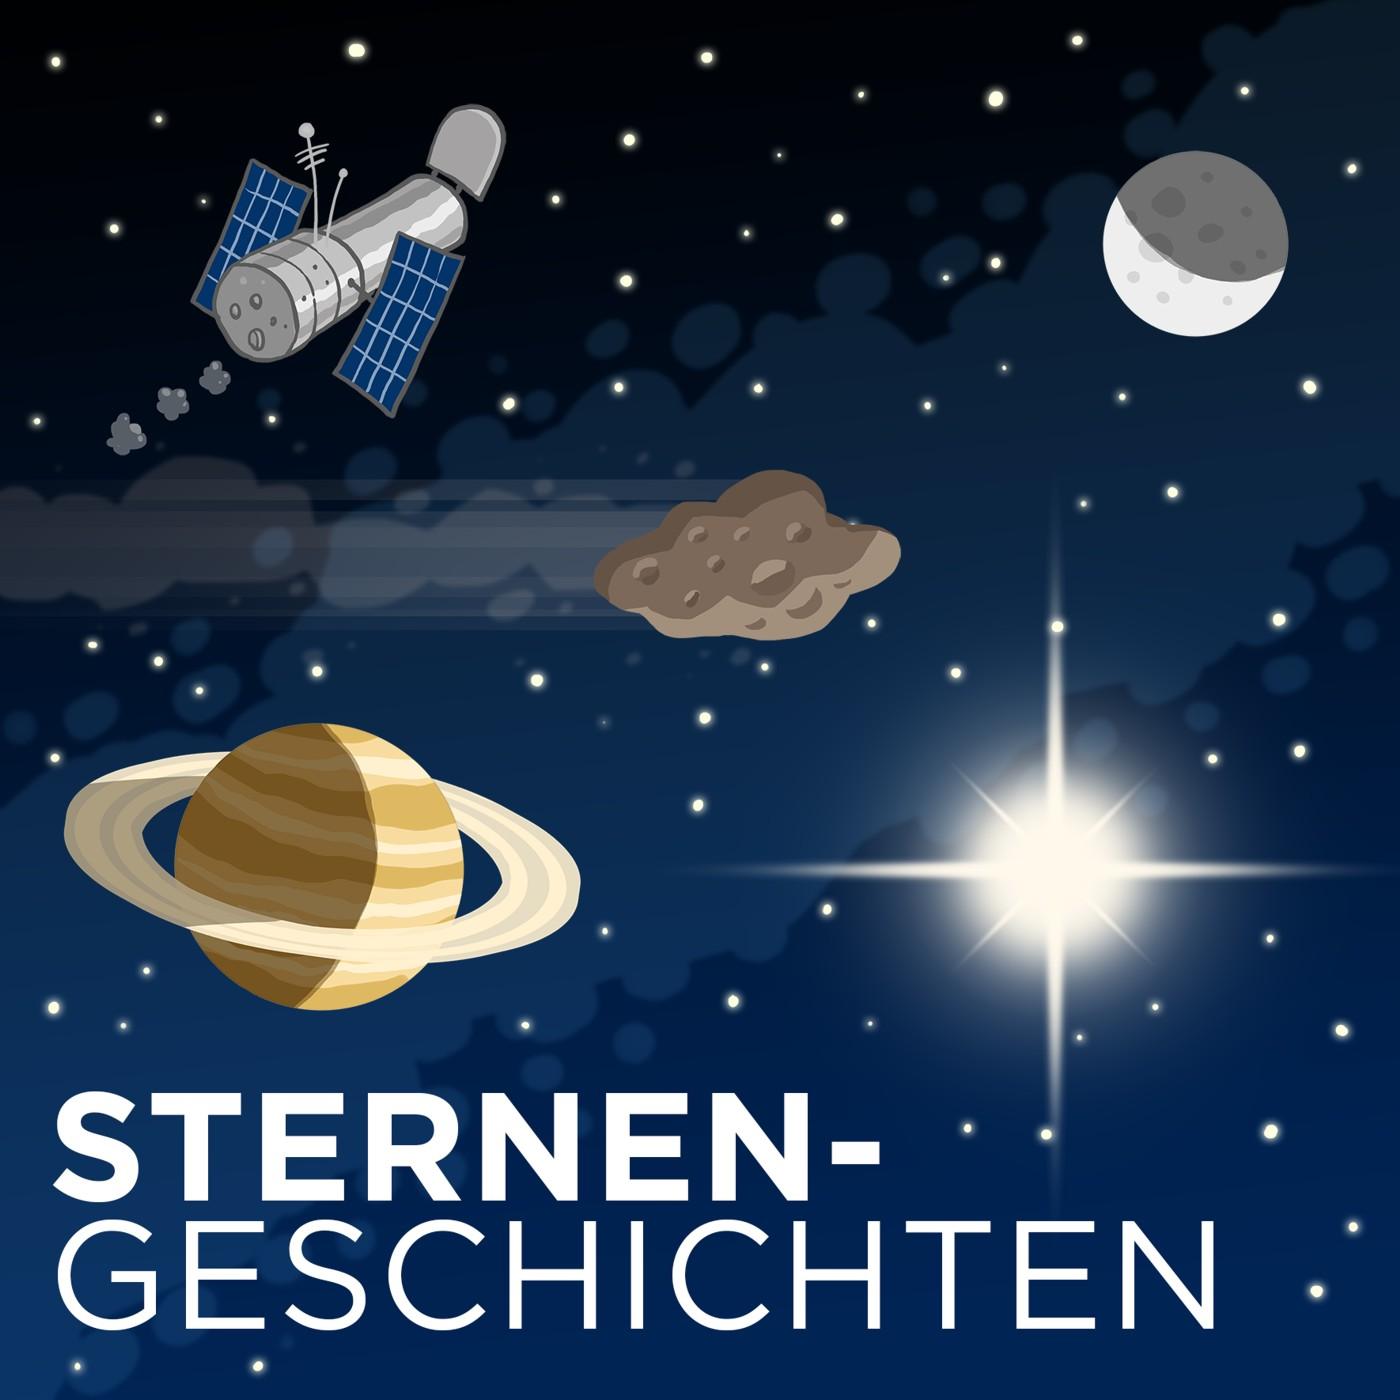 Sternengeschichten Folge 374: Amphititre, der neunte Planet